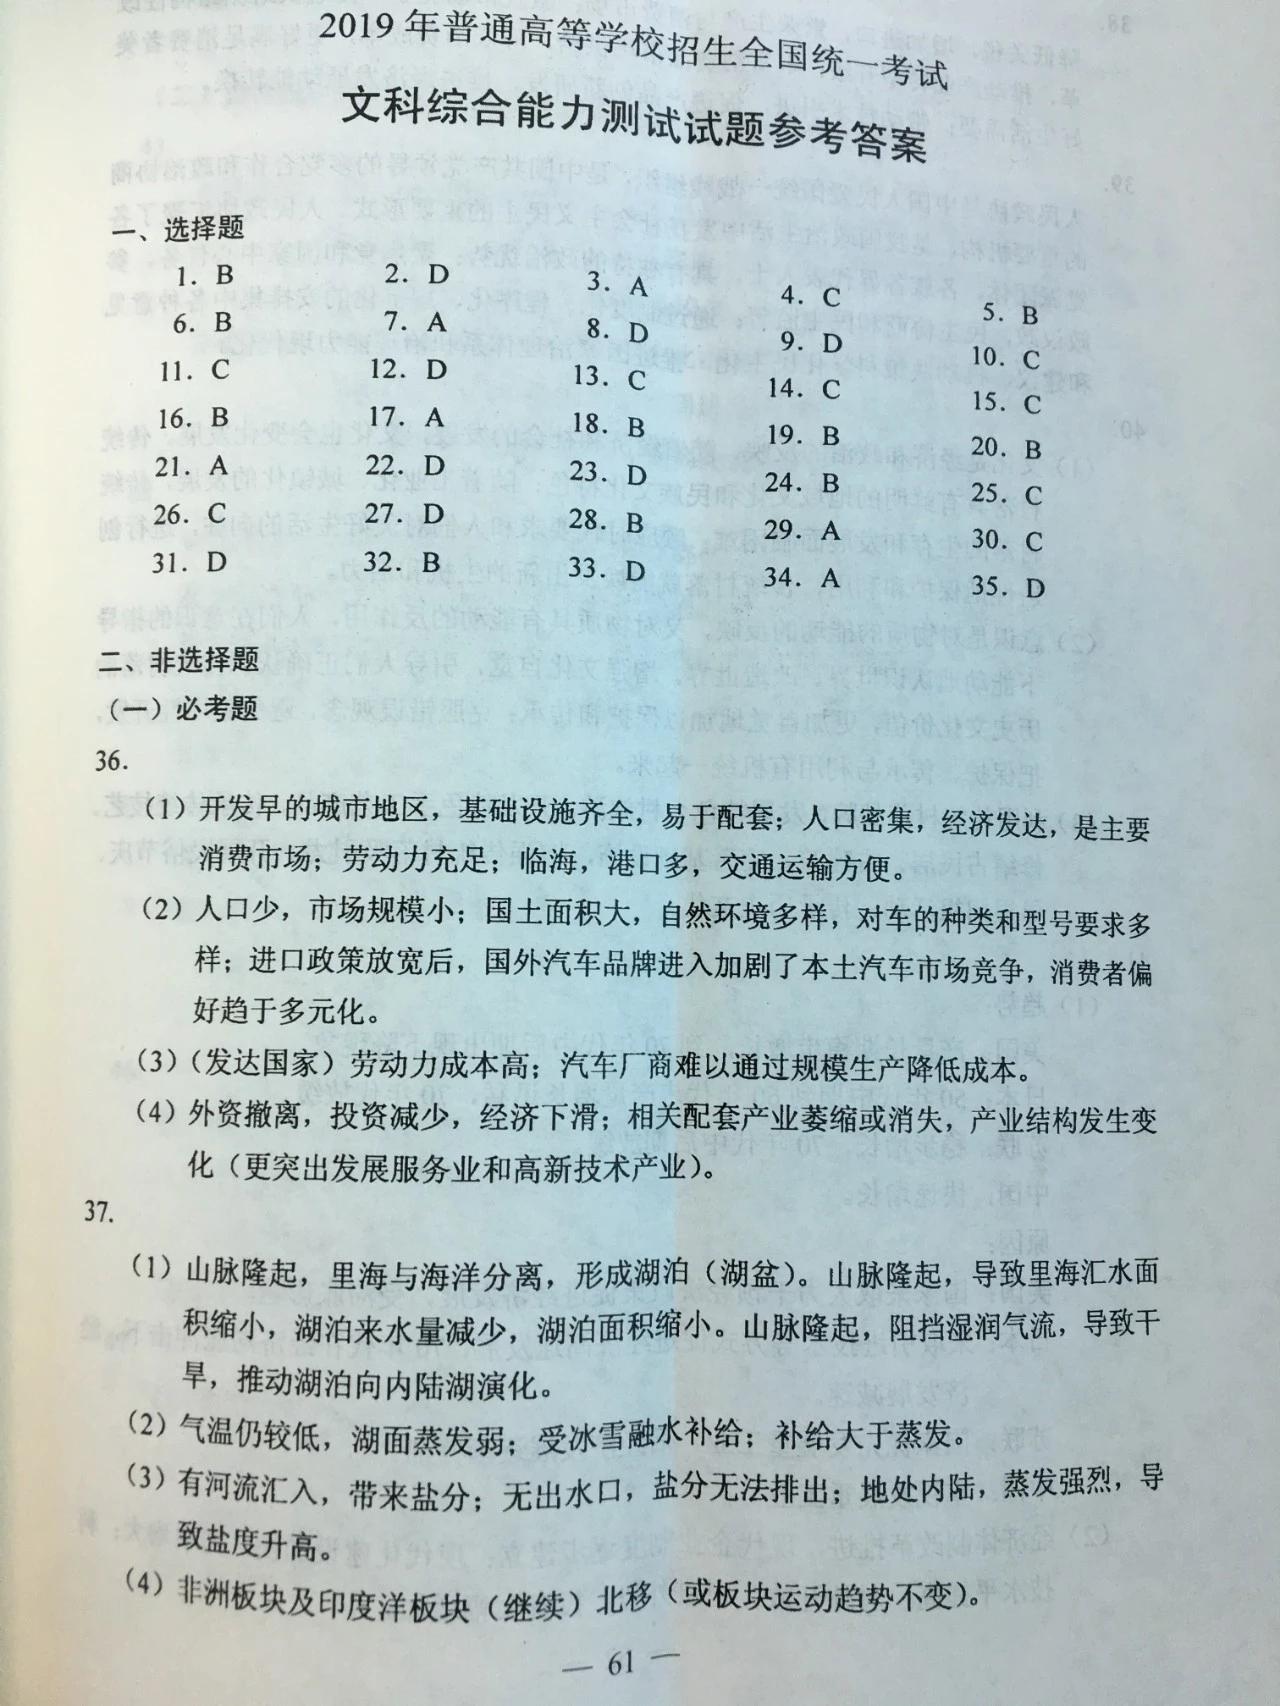 2019年高考全国卷1卷标准答案文科综合